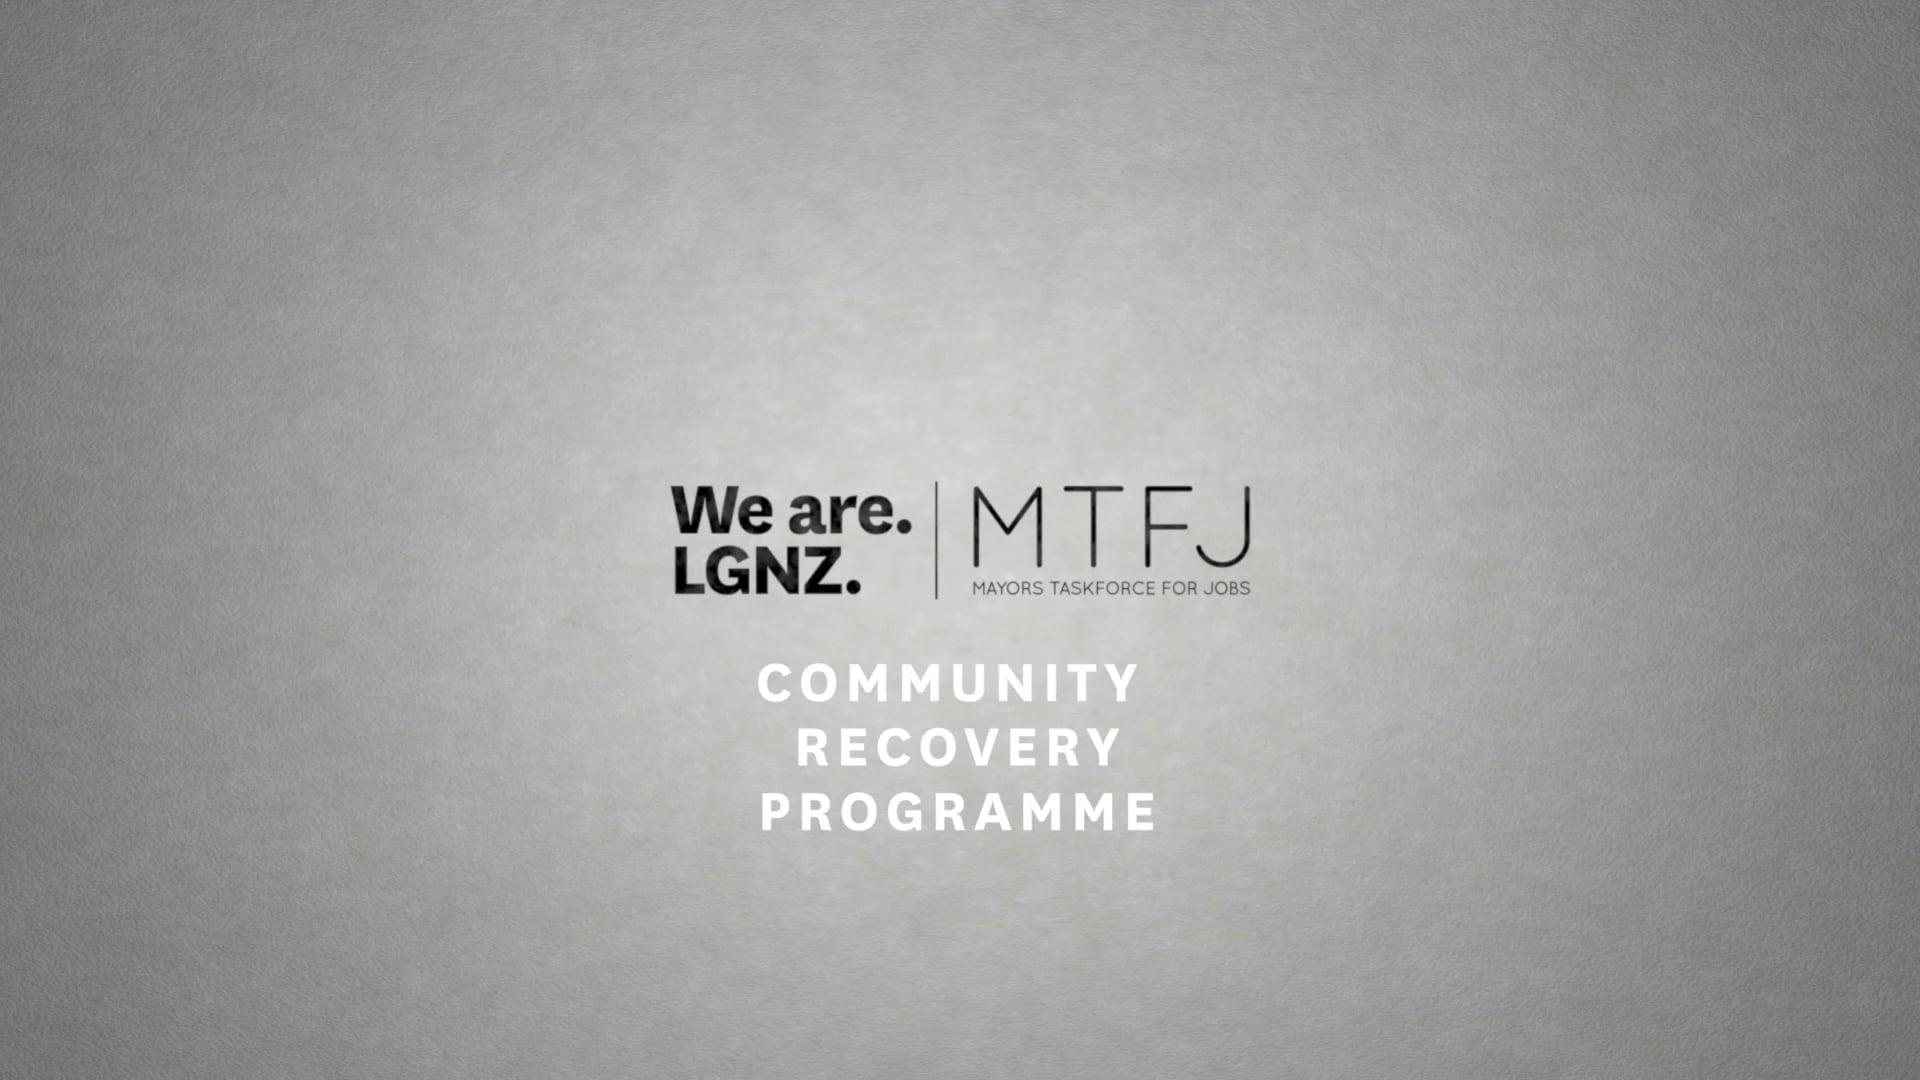 MTFJ's Community Recovery Programme